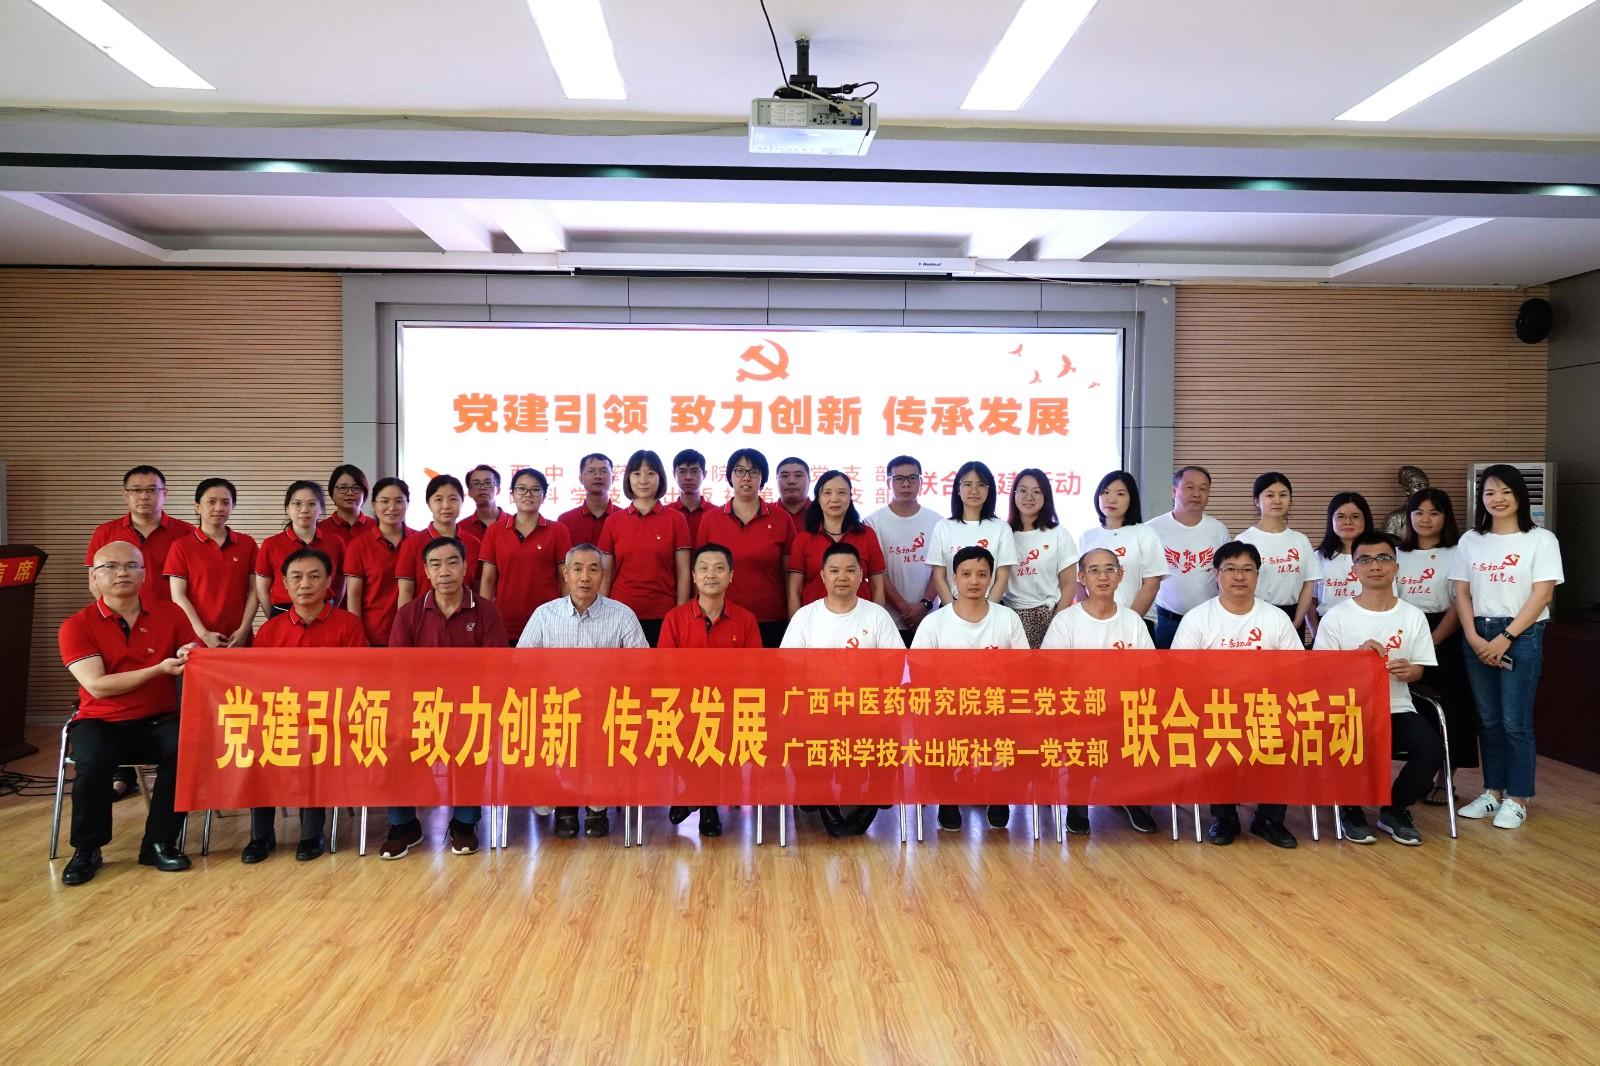 广西中医药研究院第三党支部与广西科学技术出版社第一党支部开展联合共建活动